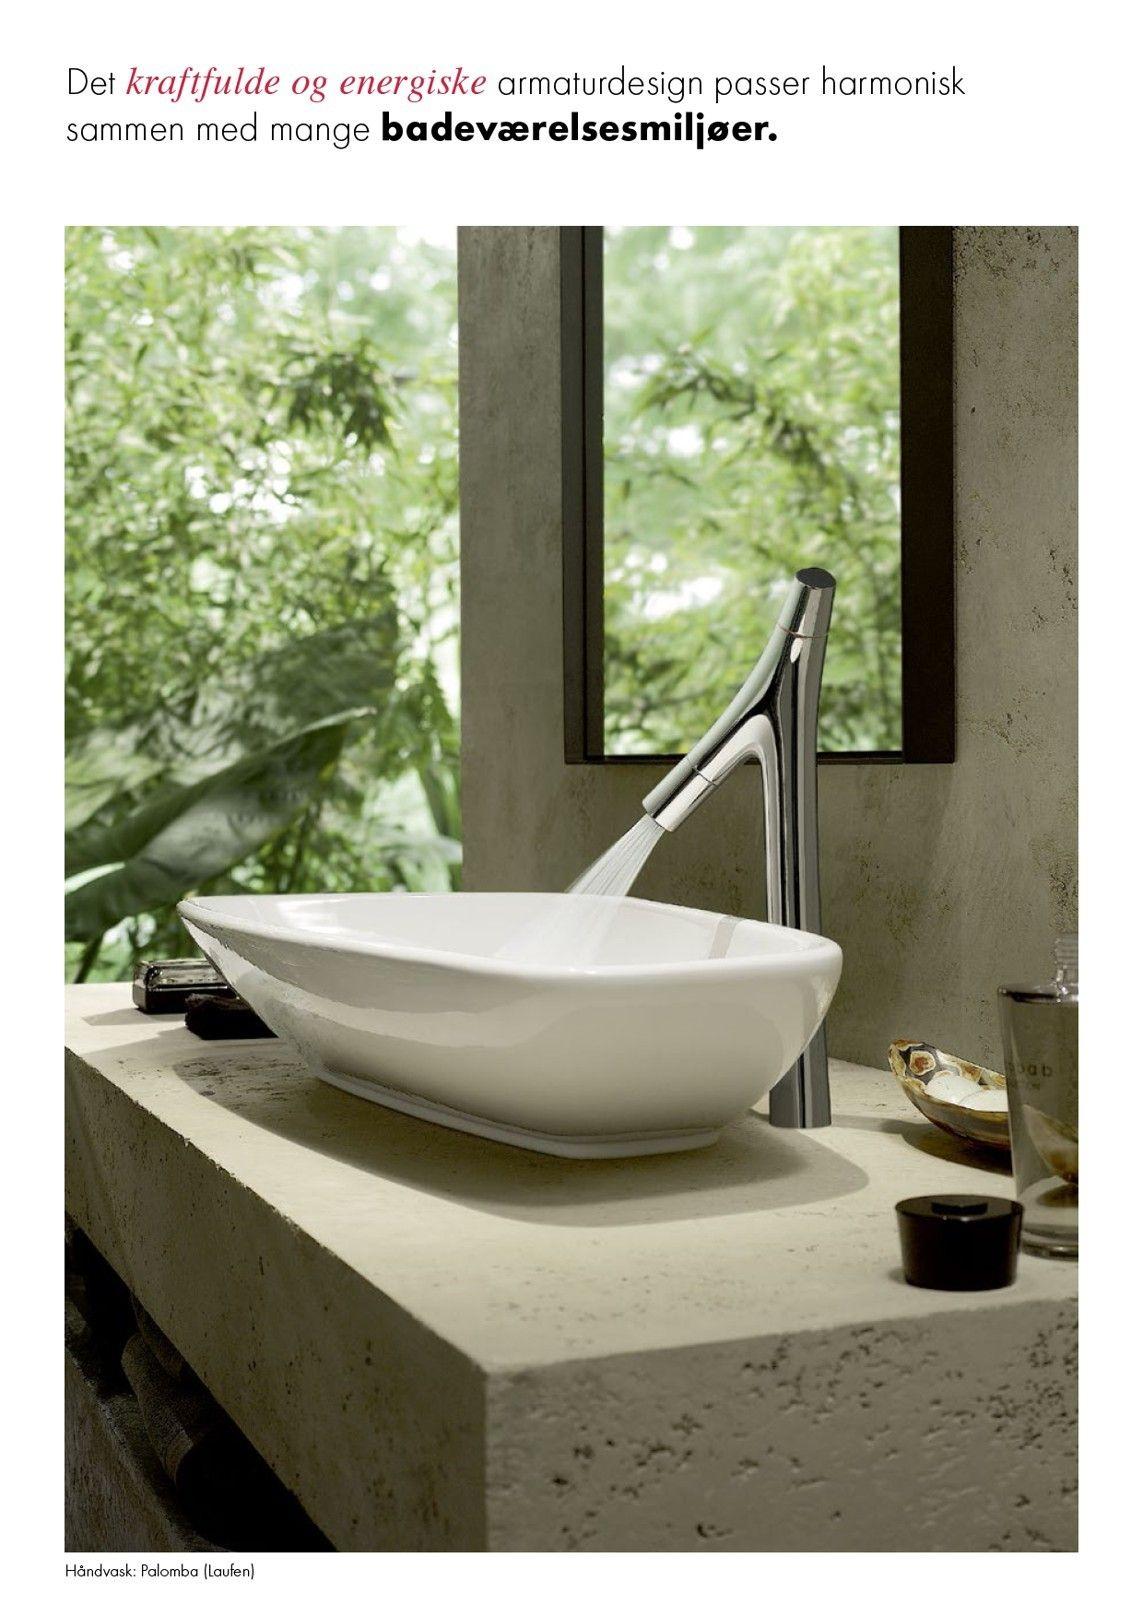 Hansgrohe håndvaskarmatur. #Hansgrohe #bathroom #armatur #vvscomfort